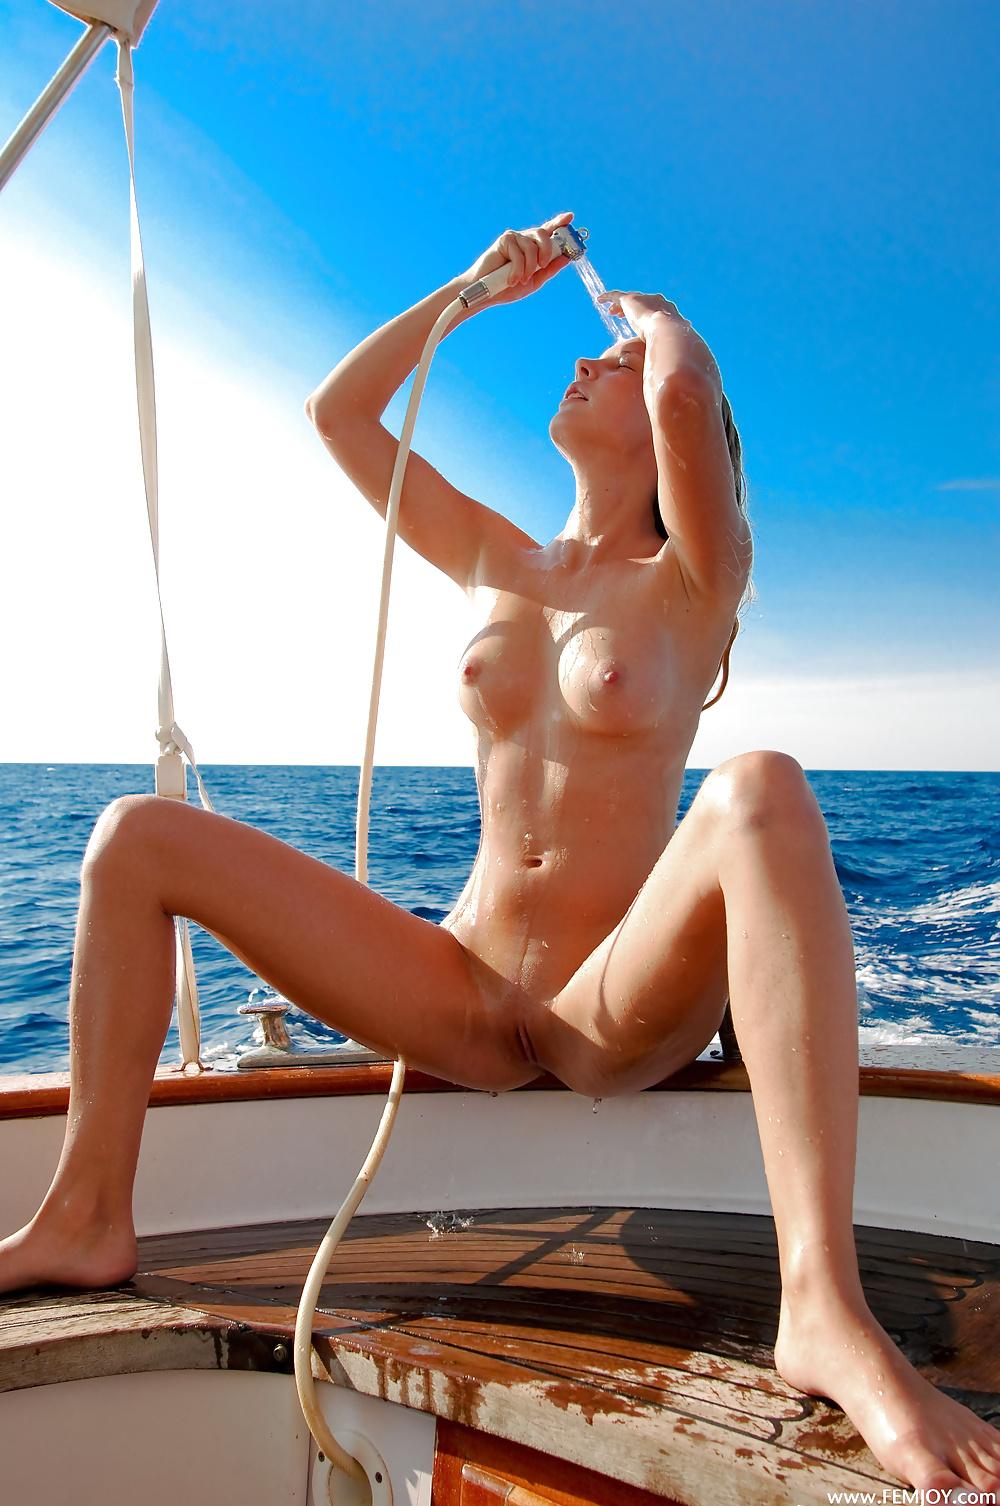 Смотреть видео с голыми телками на яхте